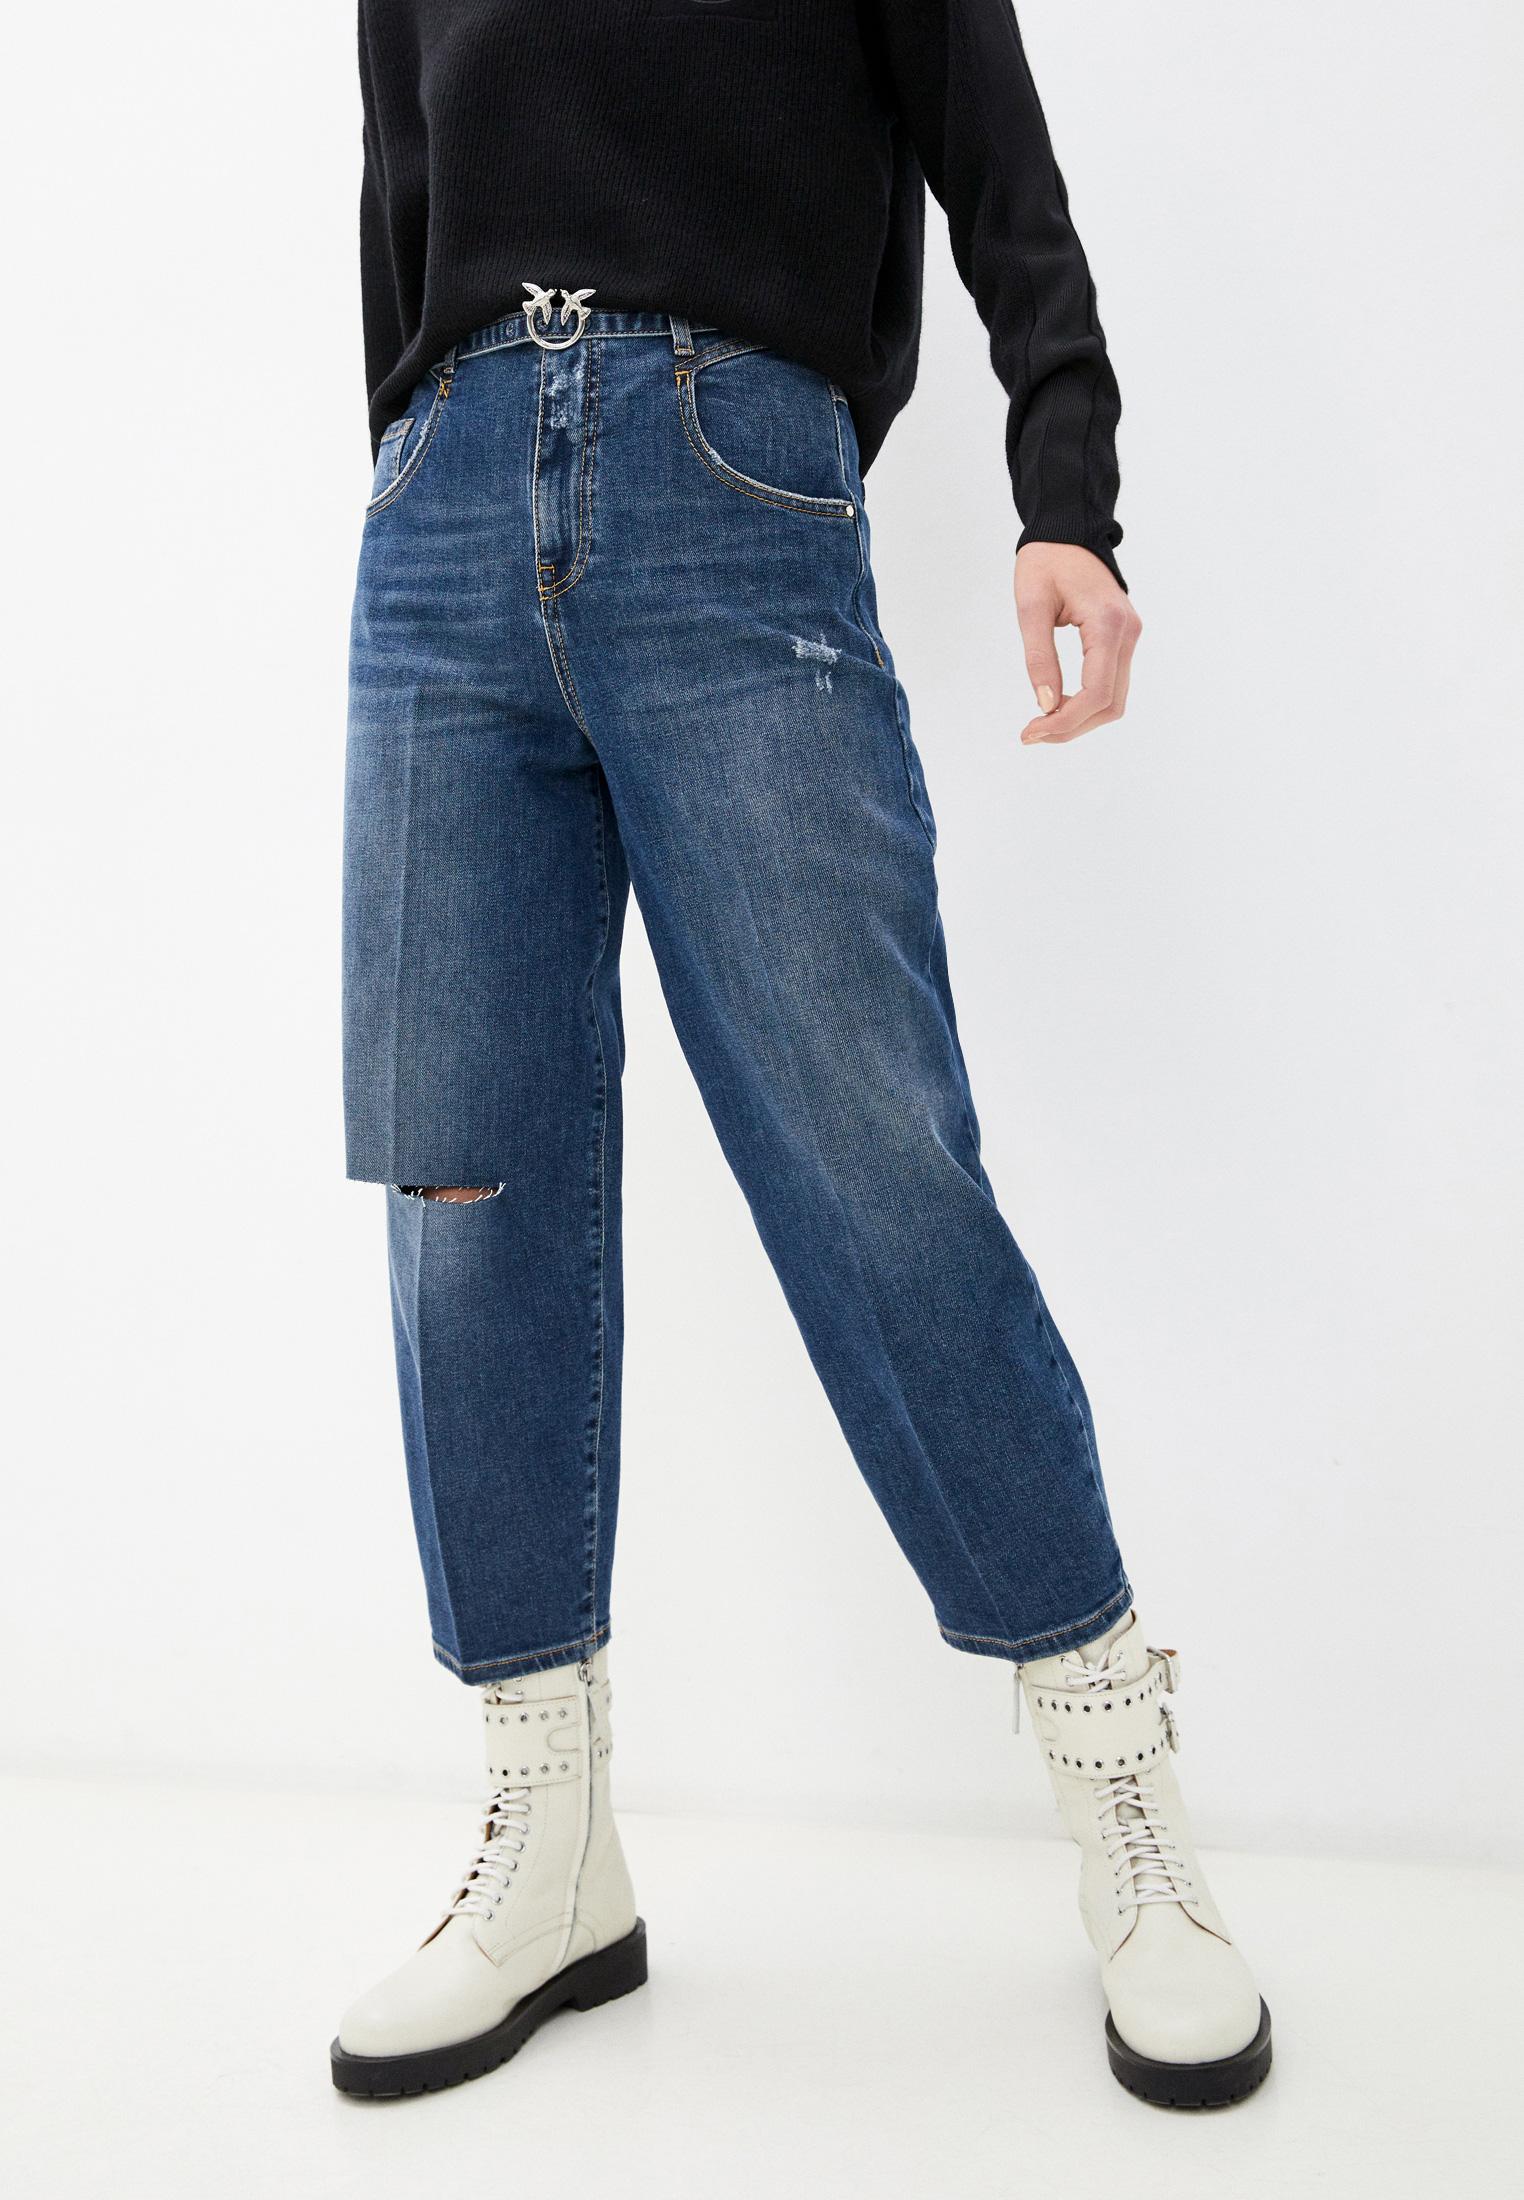 Широкие и расклешенные джинсы Pinko (Пинко) Джинсы Pinko